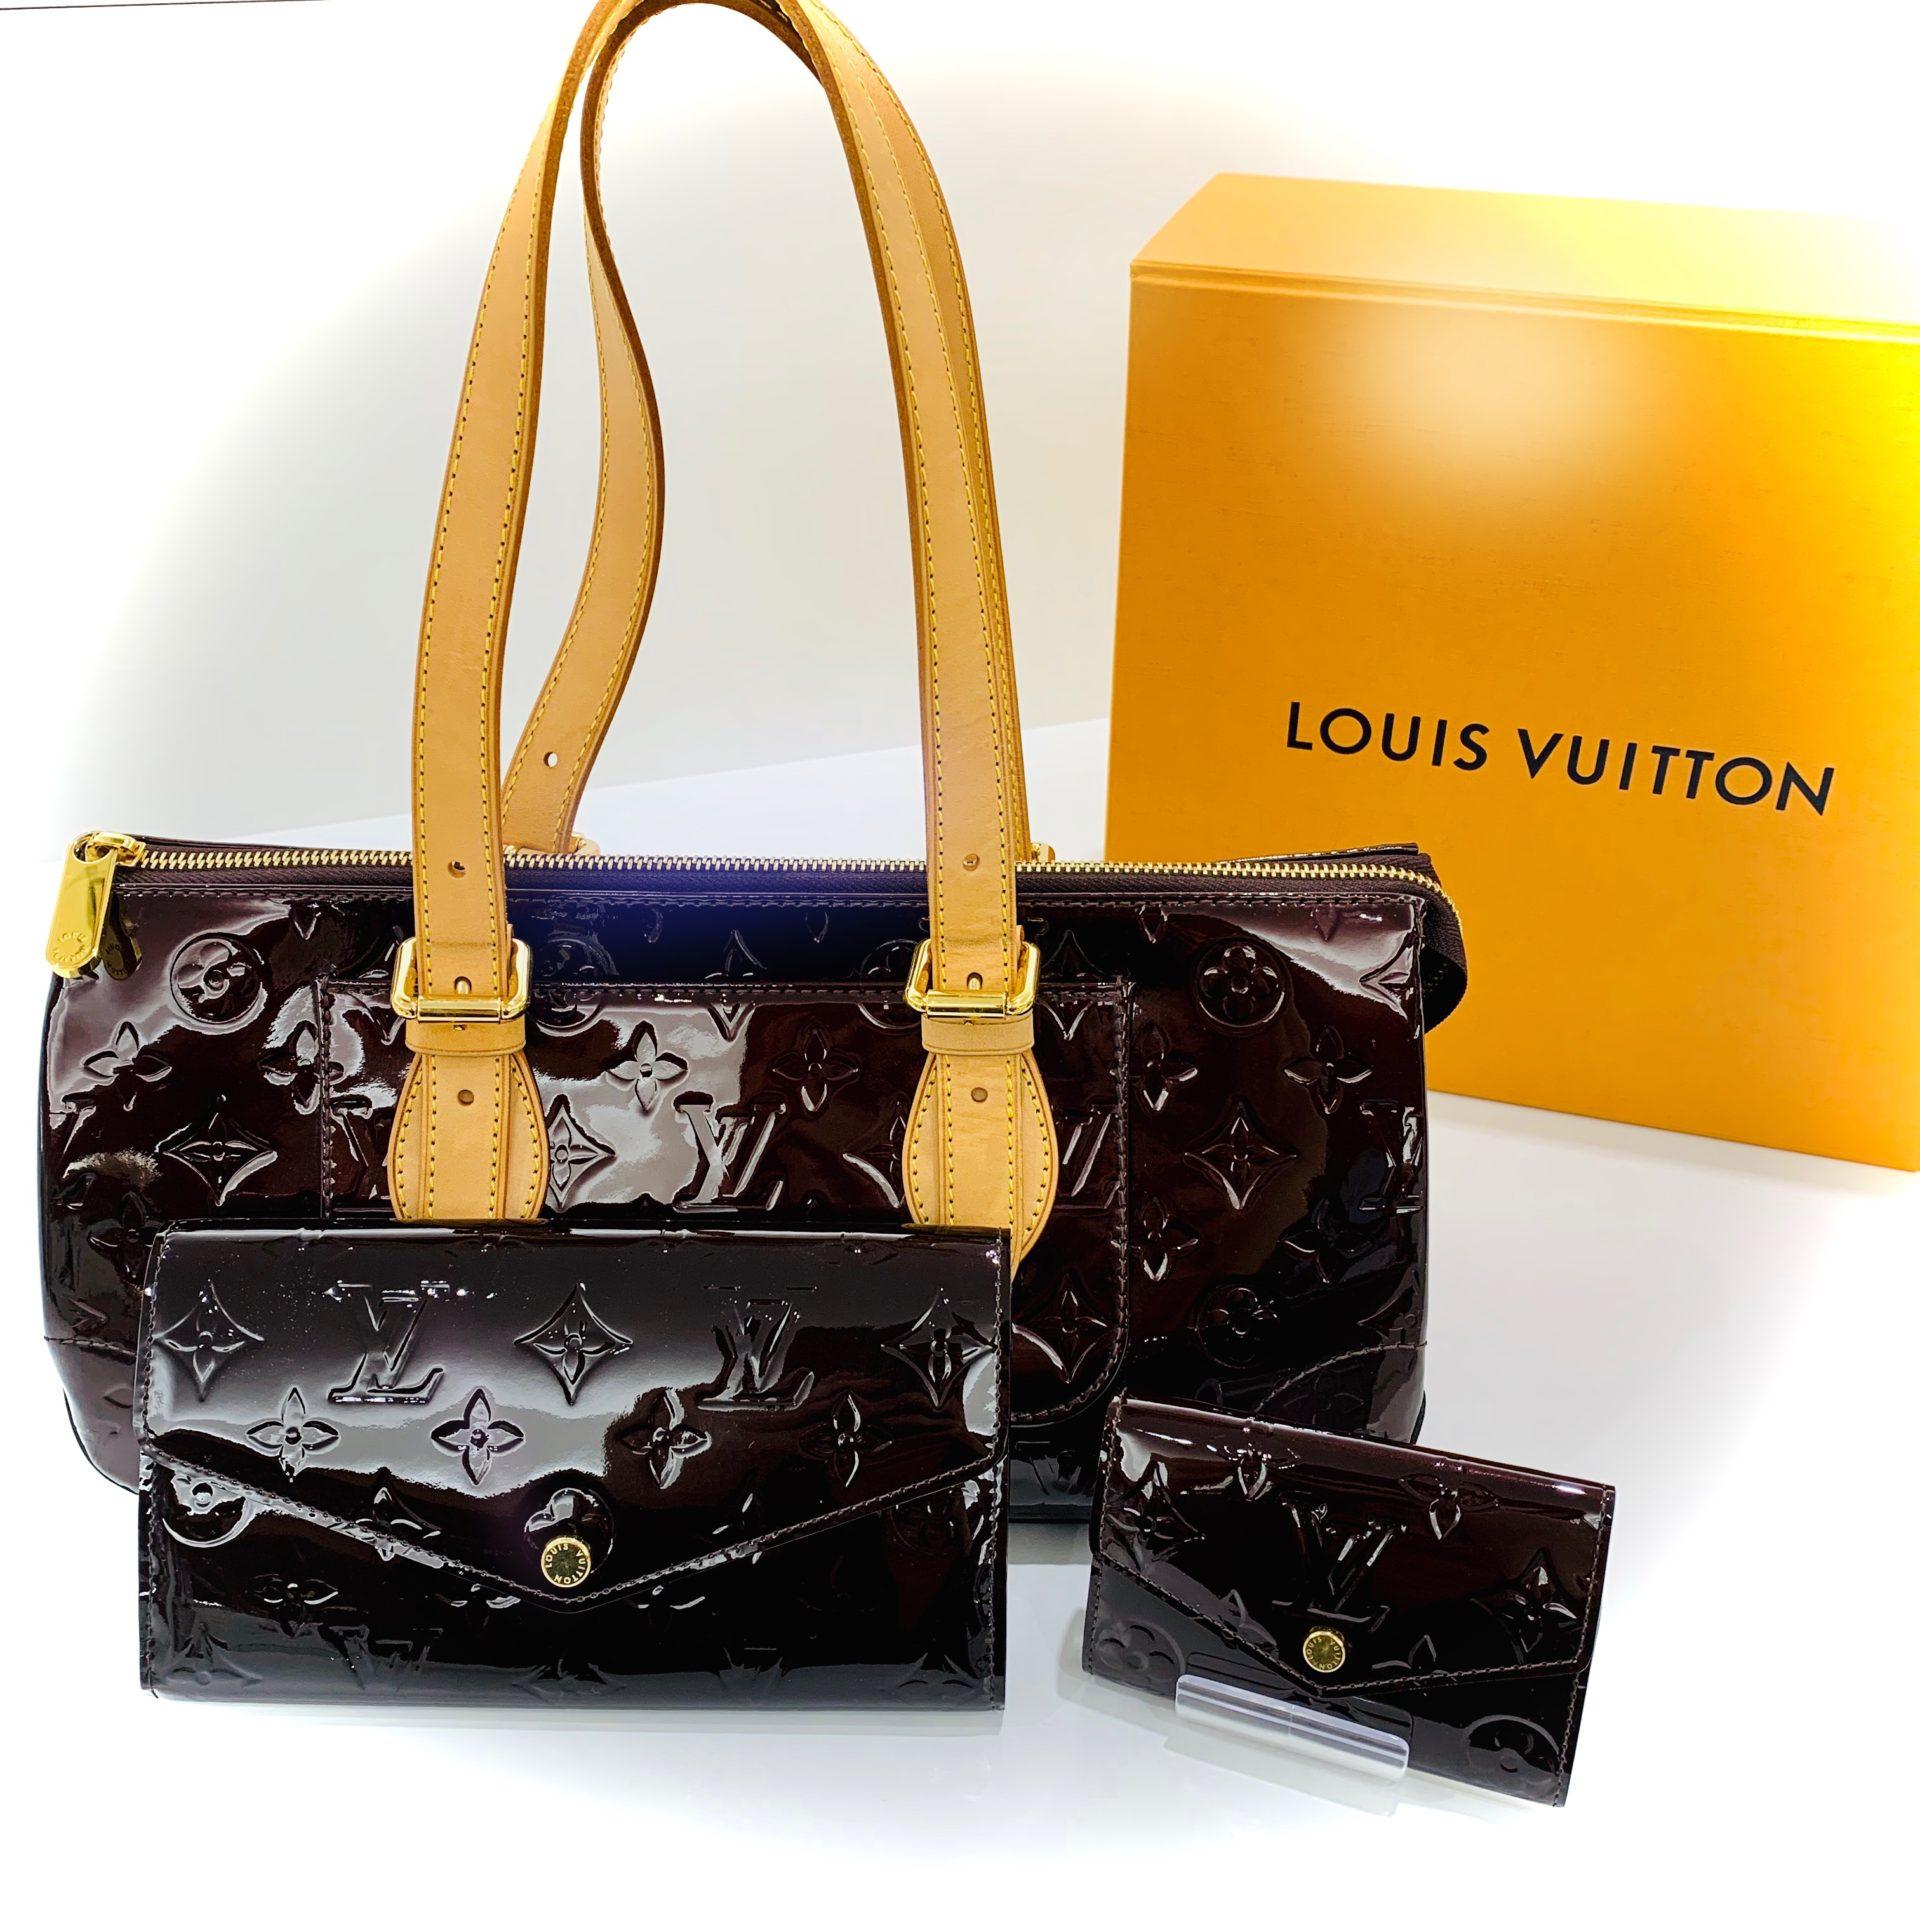 【ヴィトン 販売 盛岡】バッグも小物もヴェルニラインで揃えませんか?